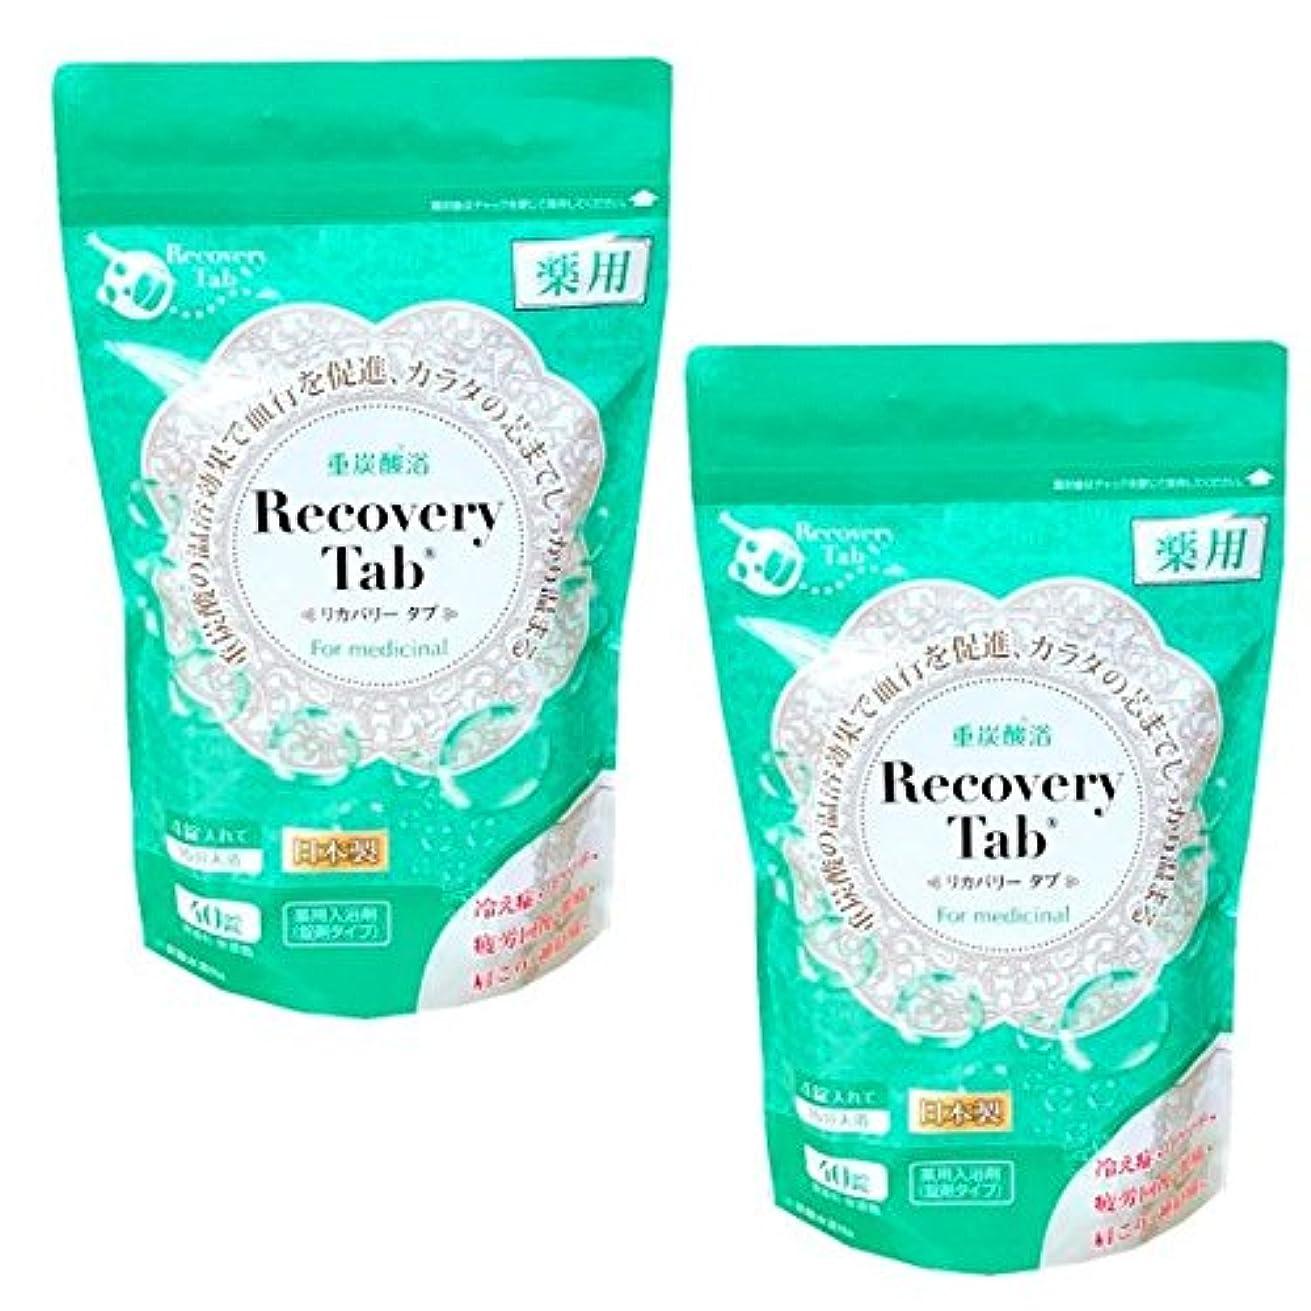 結晶損傷地味な薬用リカバリータブ 40錠入 2個セット 薬用入浴剤 日本製